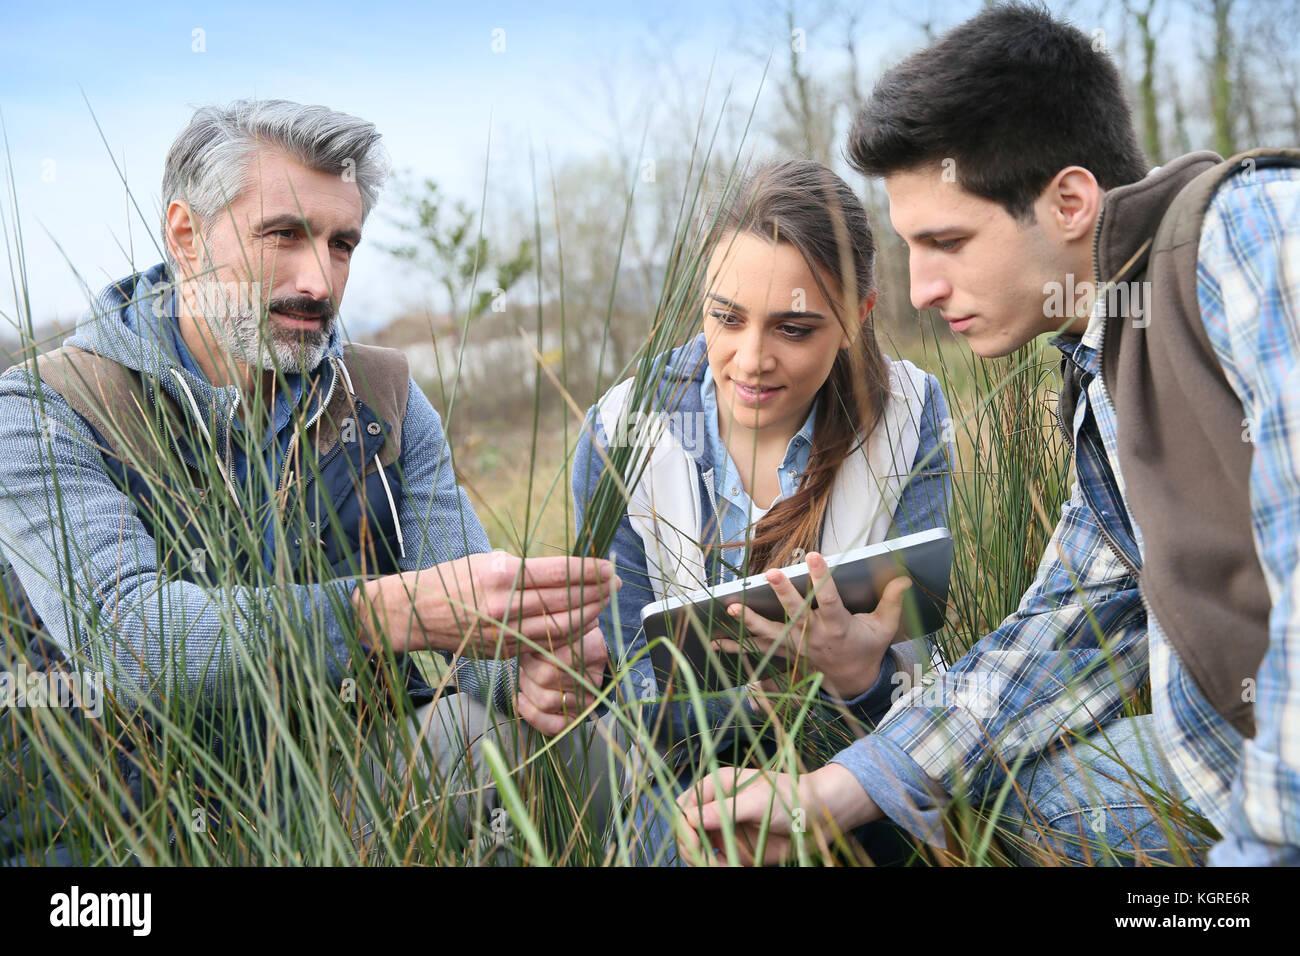 Lehrer mit Schülern in Agronomie mit Blick auf die Vegetation Stockbild